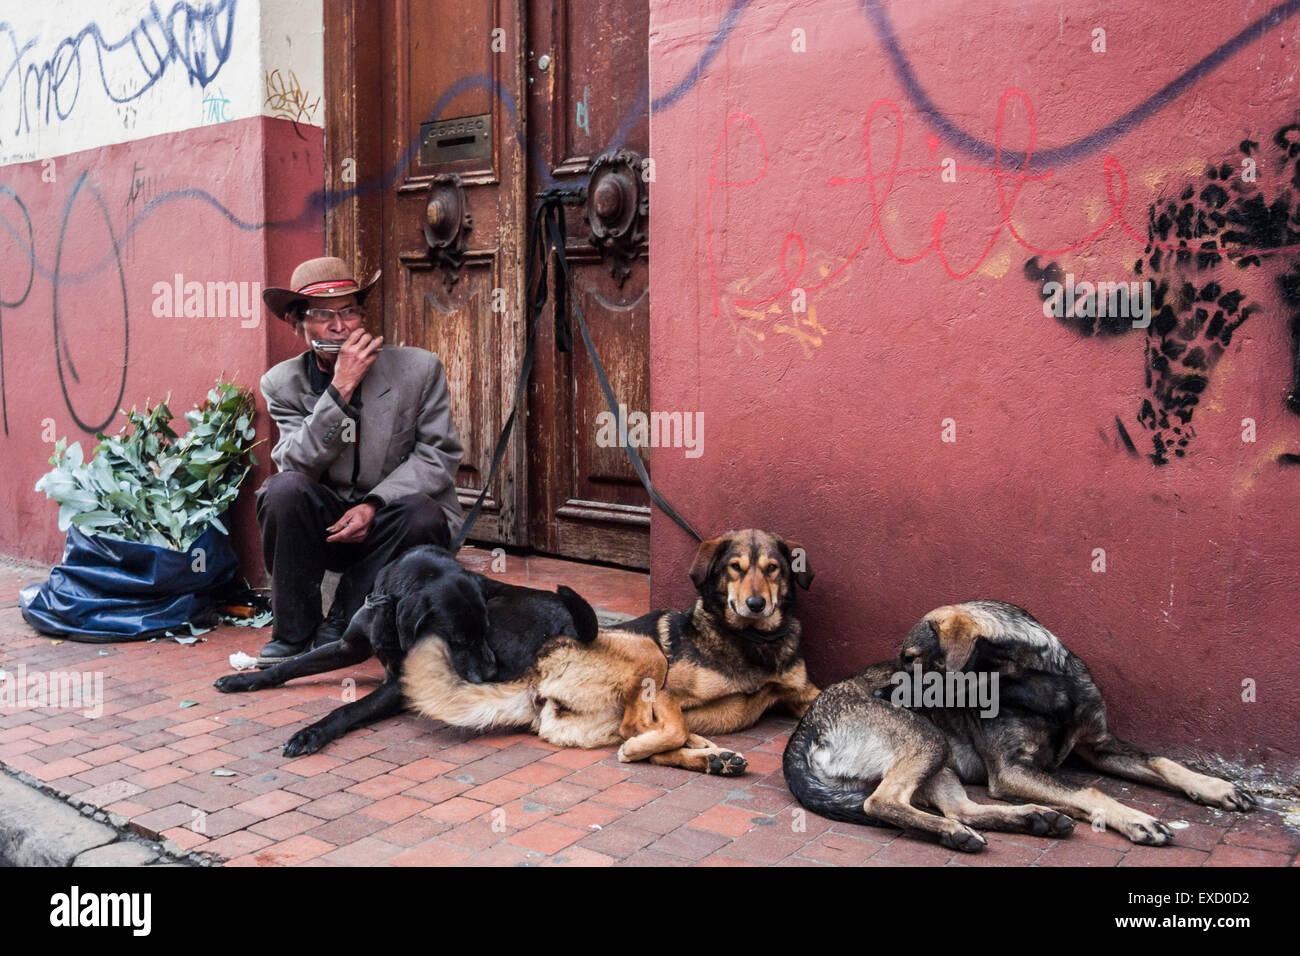 Un musicista di strada e i suoi cani nella Candelaria distretto di Bogotà, Colombia. Immagini Stock